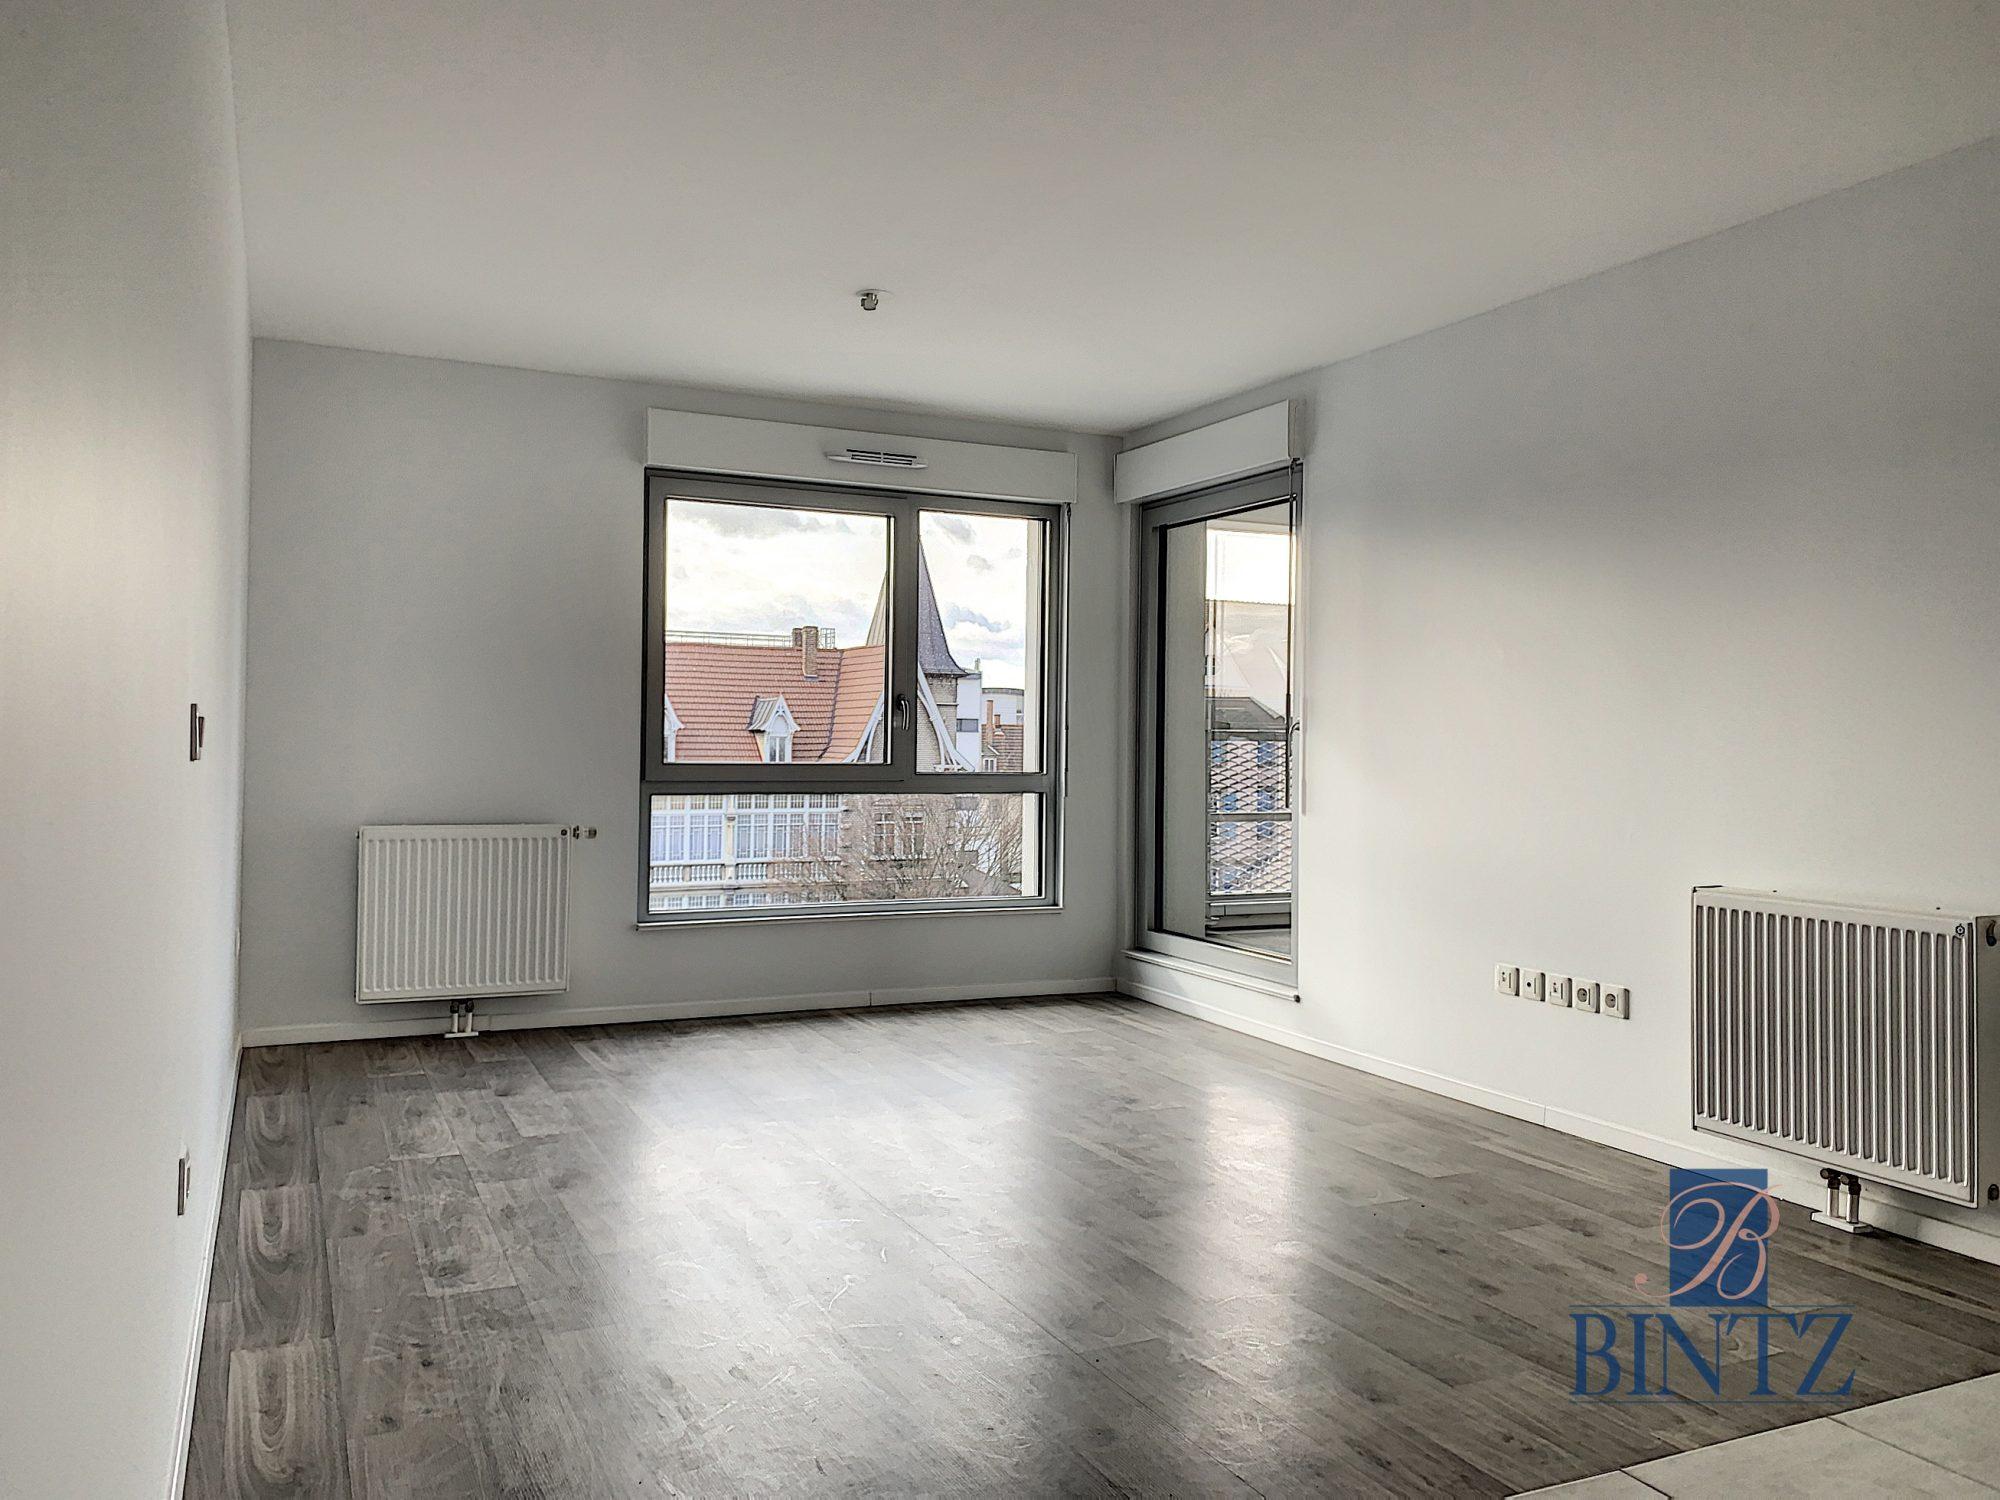 3 Pièces NEUF Quartier des brasseurs - Devenez locataire en toute sérénité - Bintz Immobilier - 4